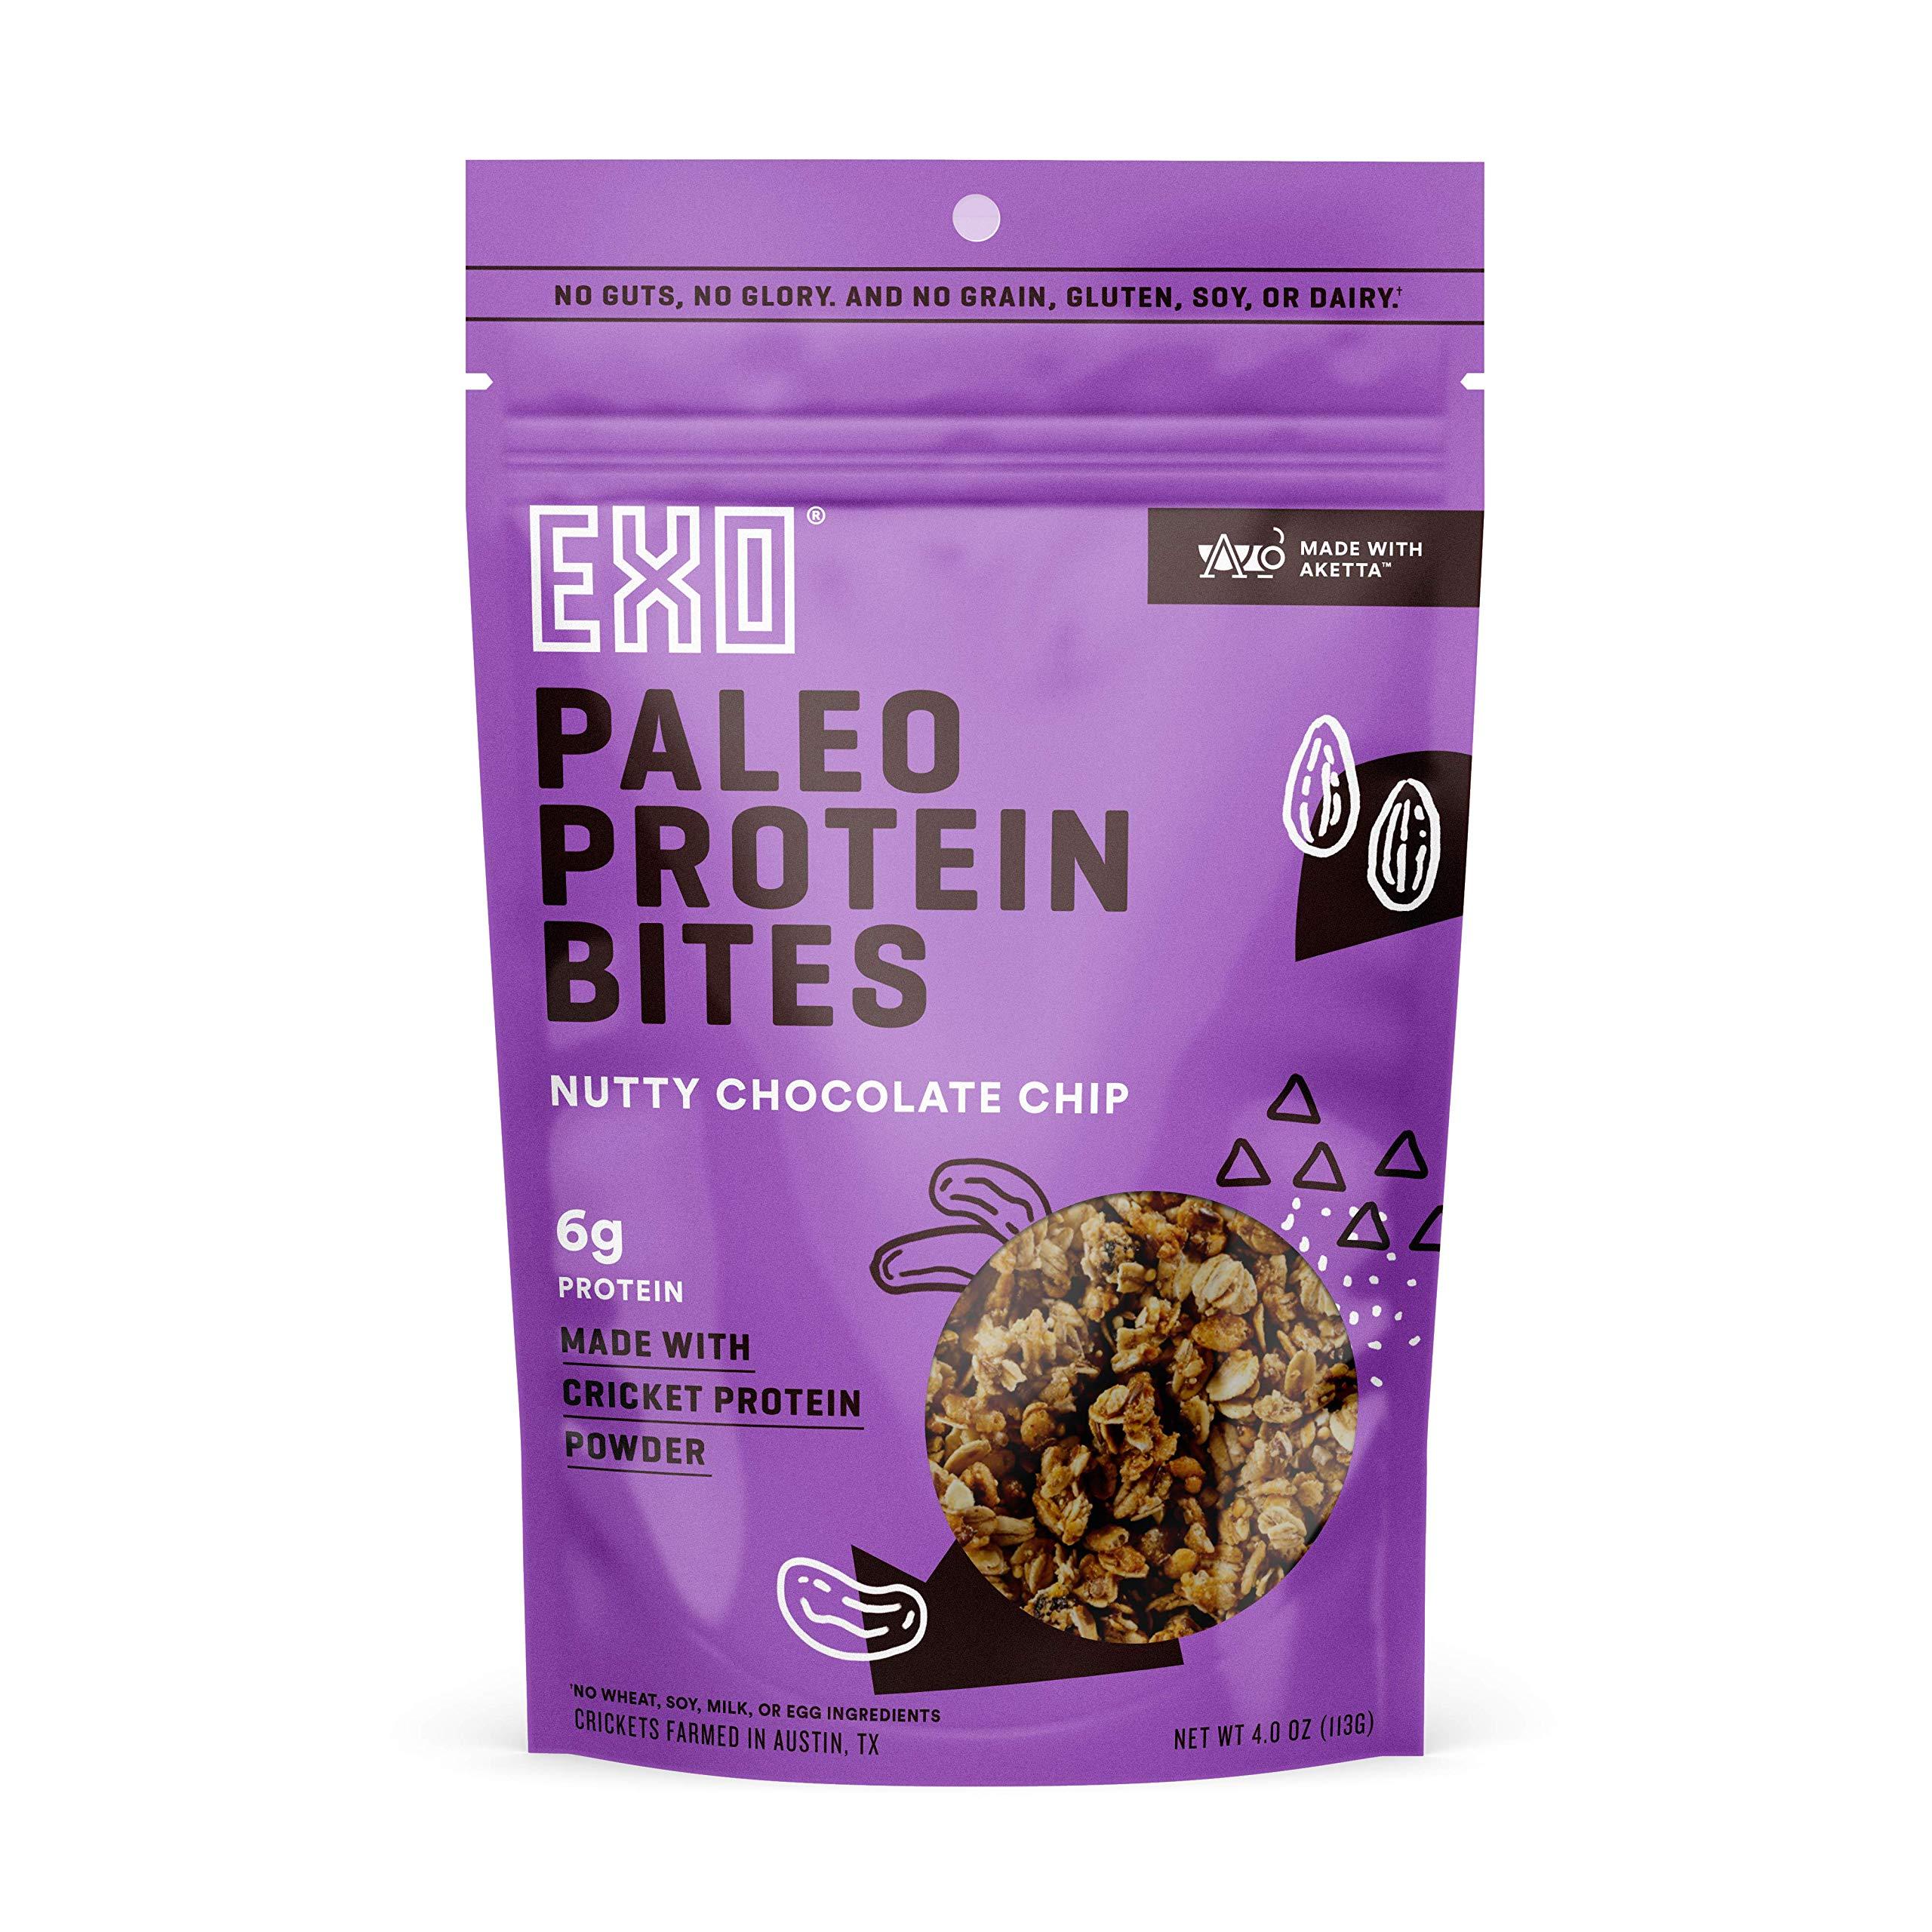 Exo Cricket 6g Protein Bites, Paleo Friendly, Gluten Free, Nutty Chocolate Chip, 3 Count